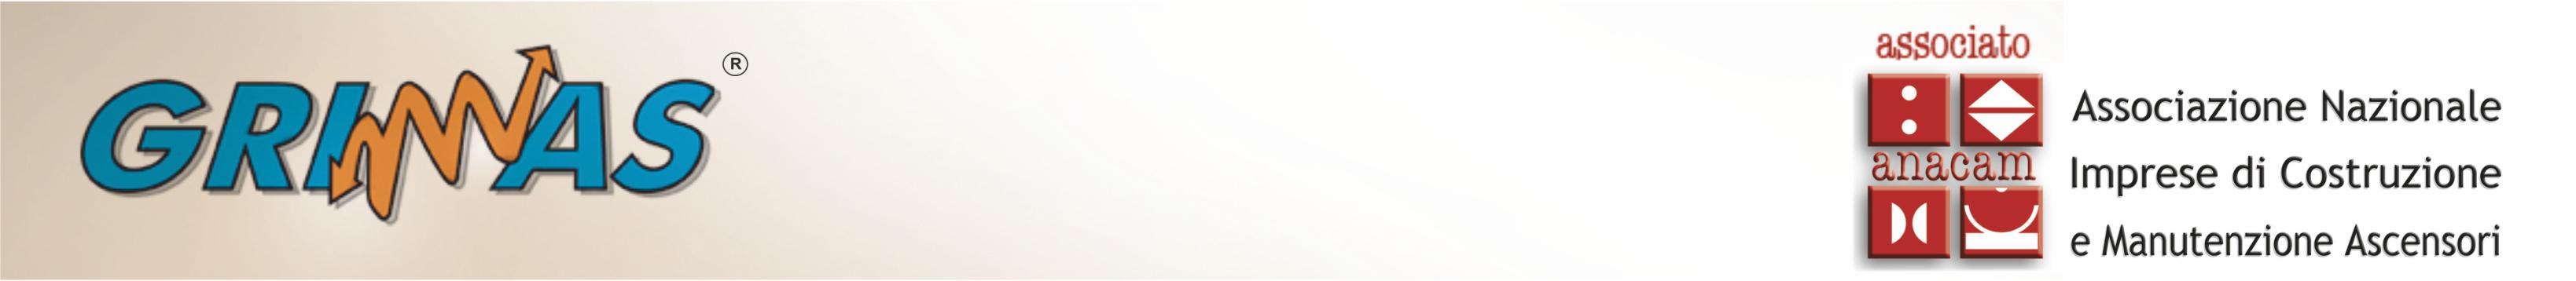 GriMas® – Ascensori – Home Lift – Minilift – Microlift – Montacarichi – Servoscala – Montascale – Automazione Dorma – Informatica – Consumabili – Videosorveglianza – Domotica – Ripetitori GSM/UMTS – Campania Napoli